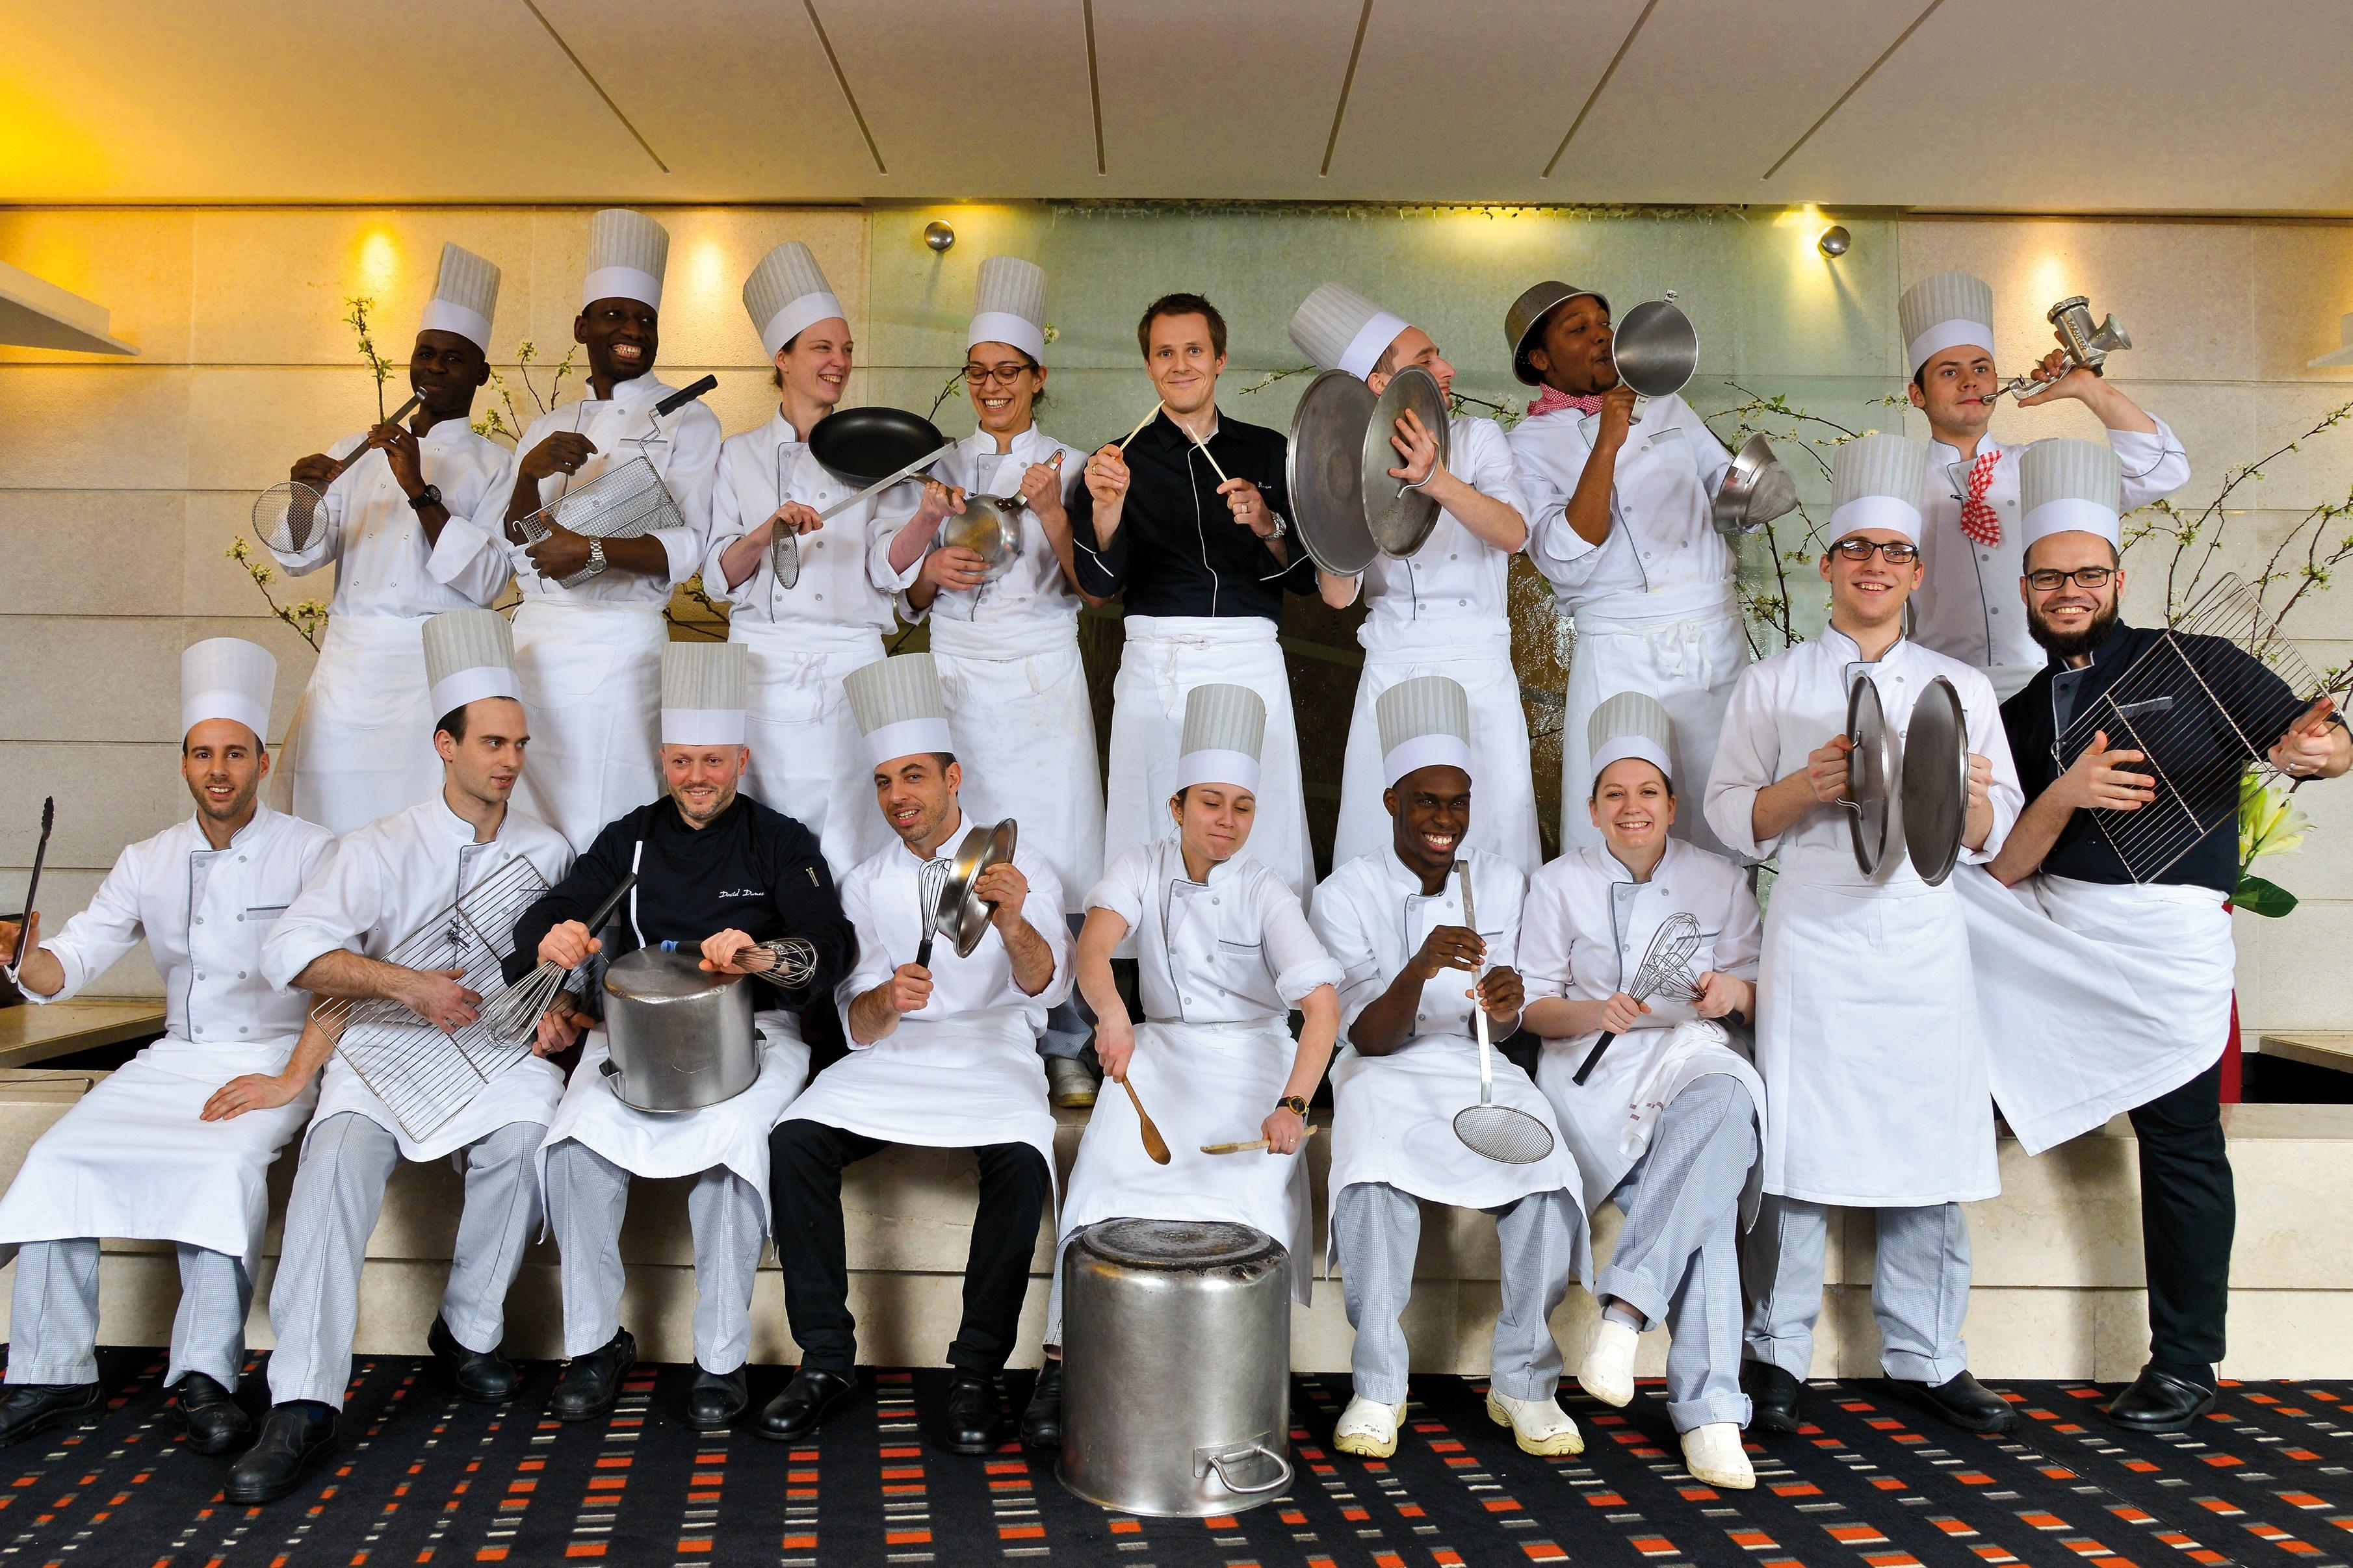 L'équipe du Pullman Bercy Centre fait son show en cuisine